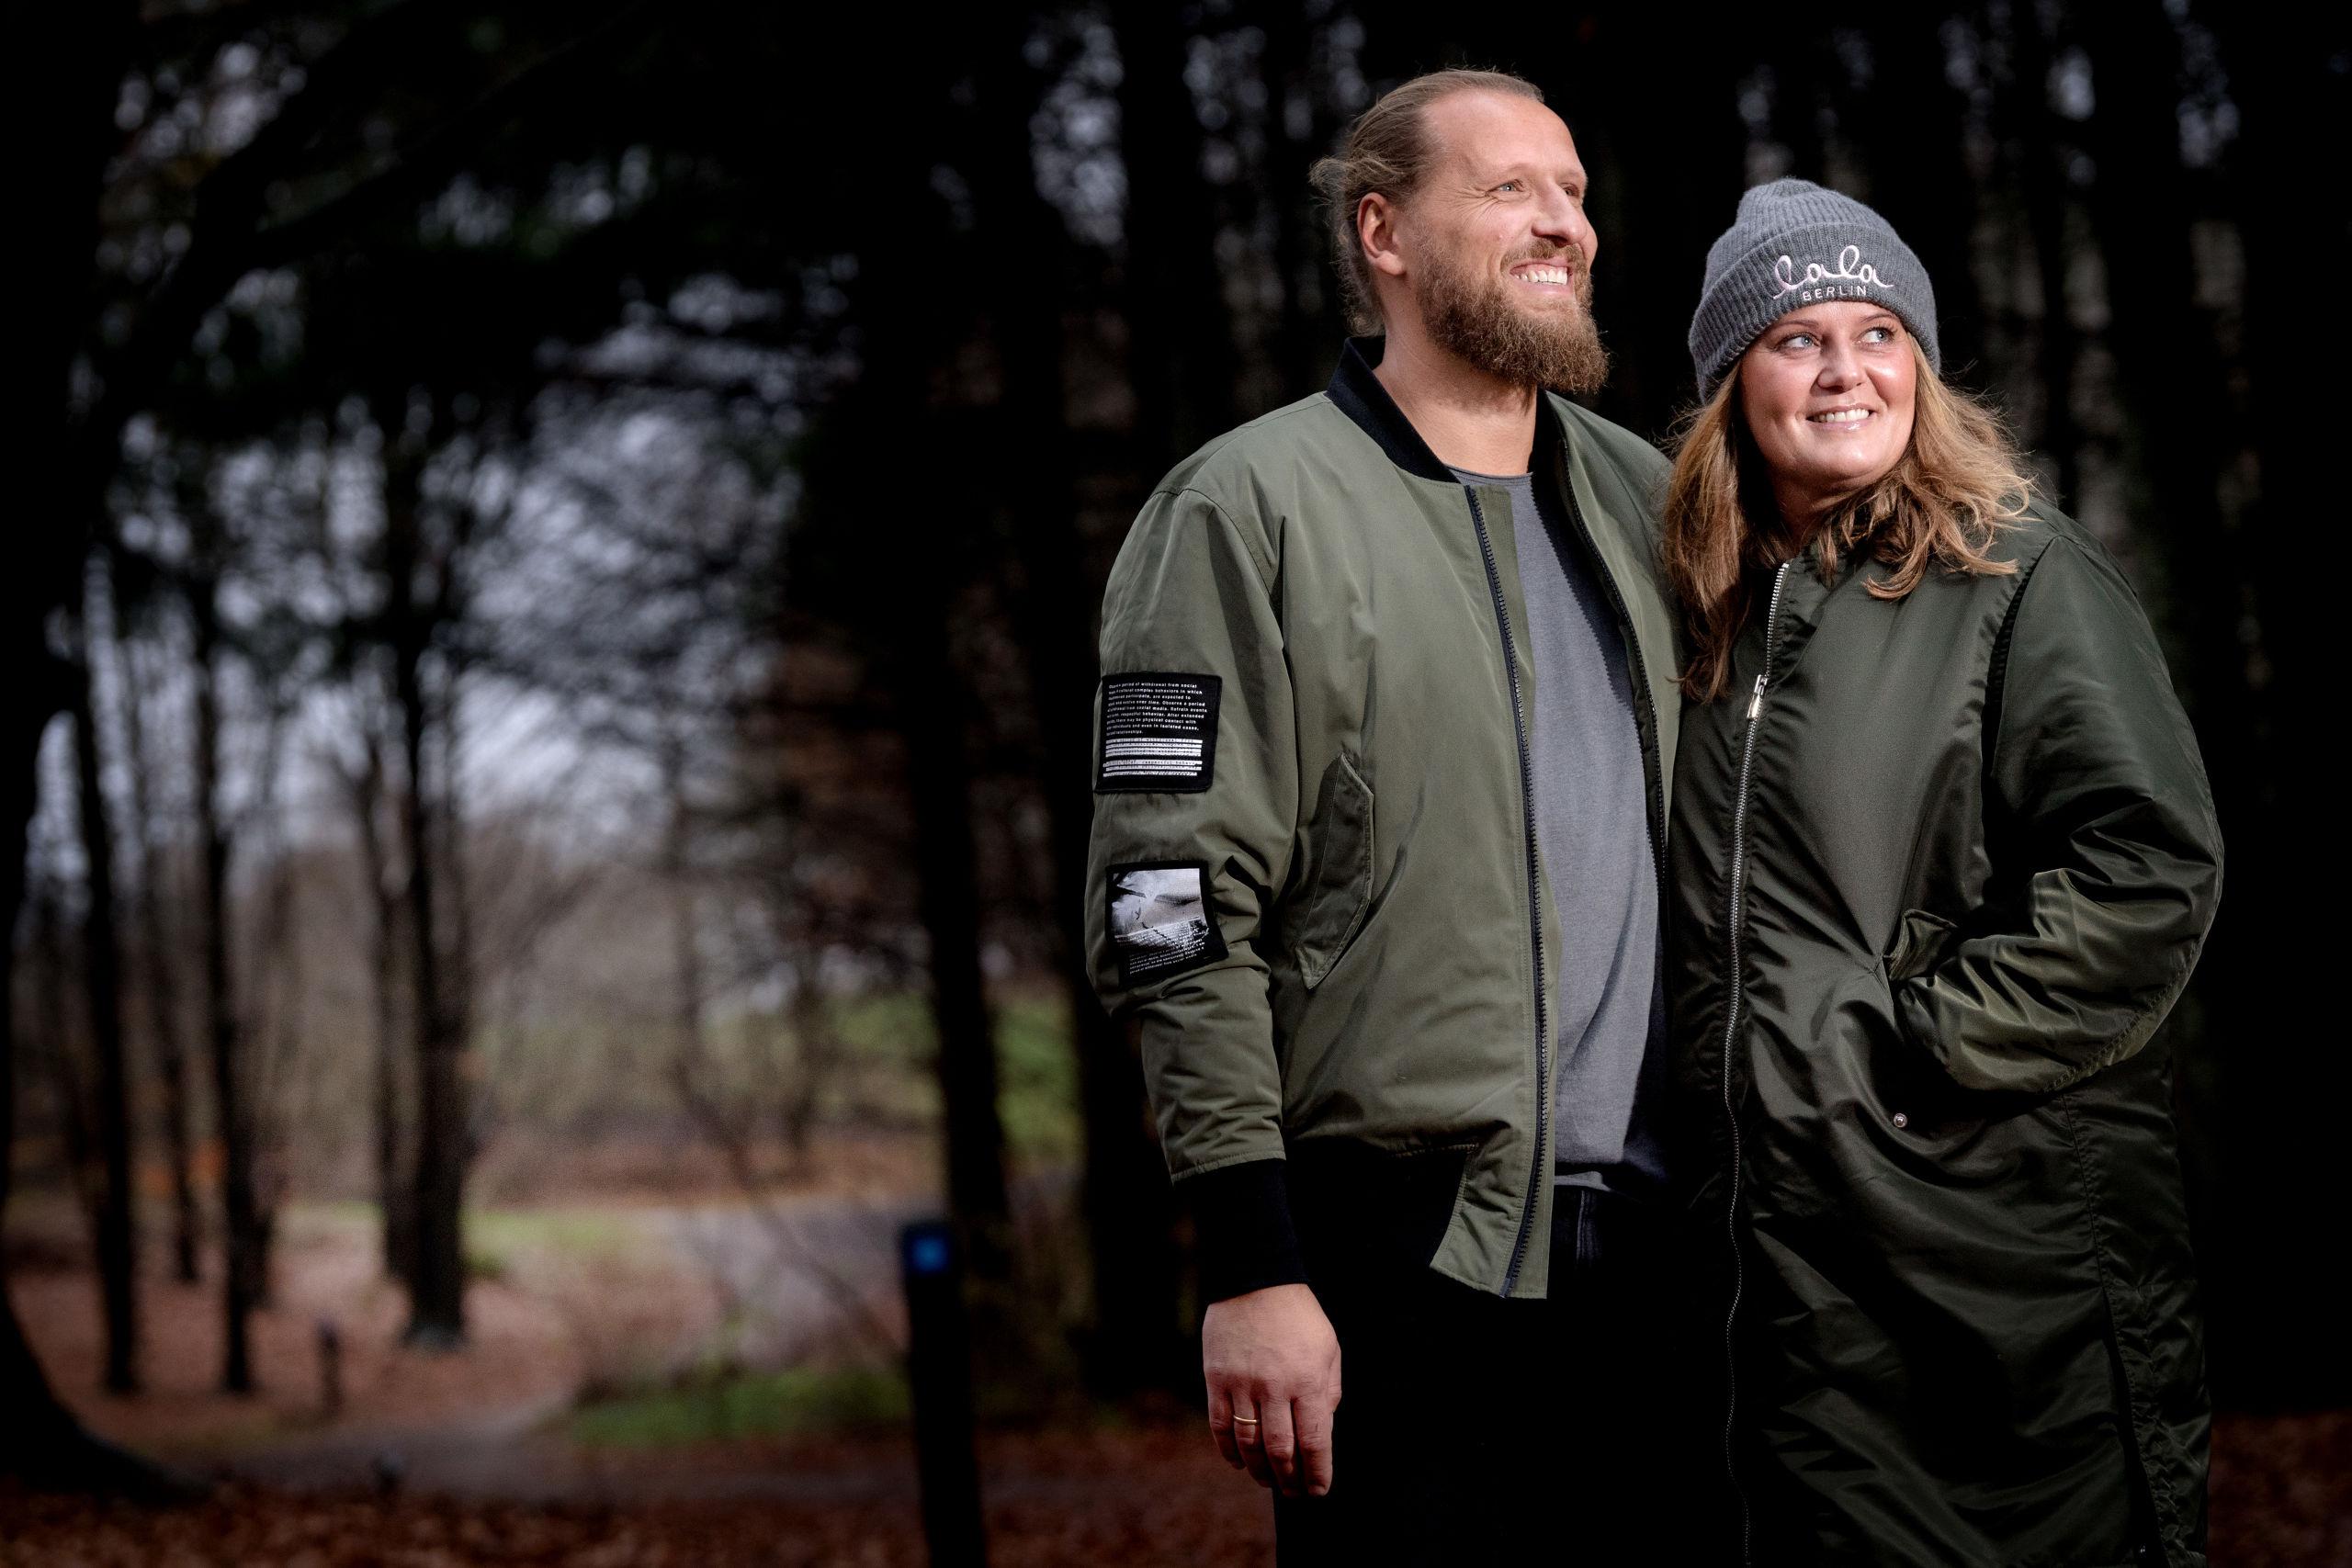 Henrik og Trine Bakgaard glæder sig over, at Aalborg har taget godt imod deres julefest. Foto: Torben Hansen